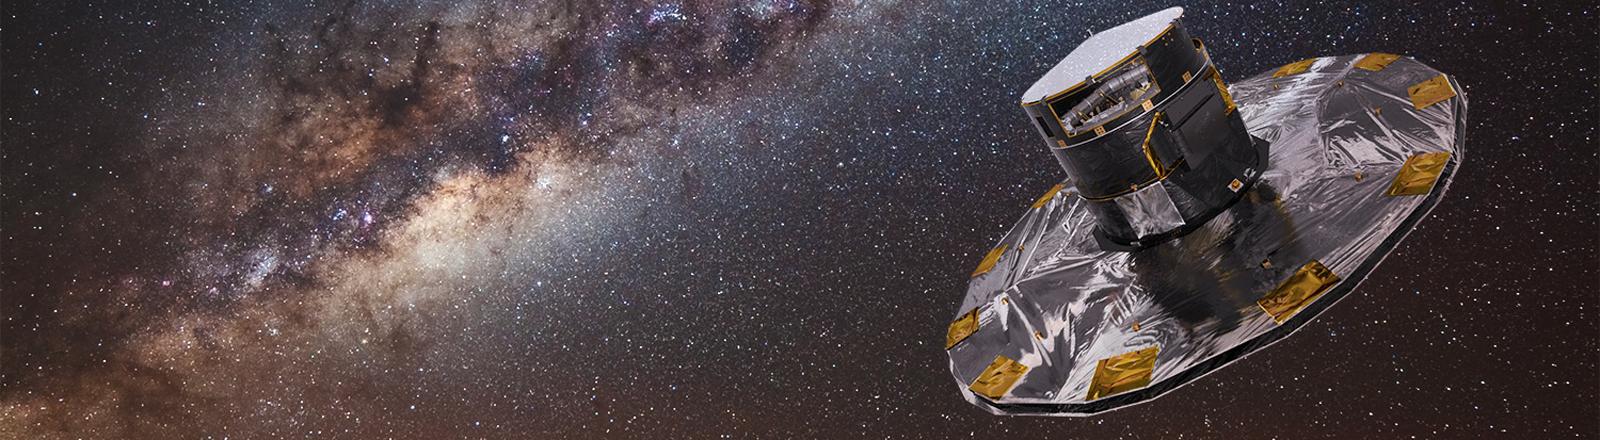 Gaia-Satellit vermisst Sterne in unserer Galaxie.